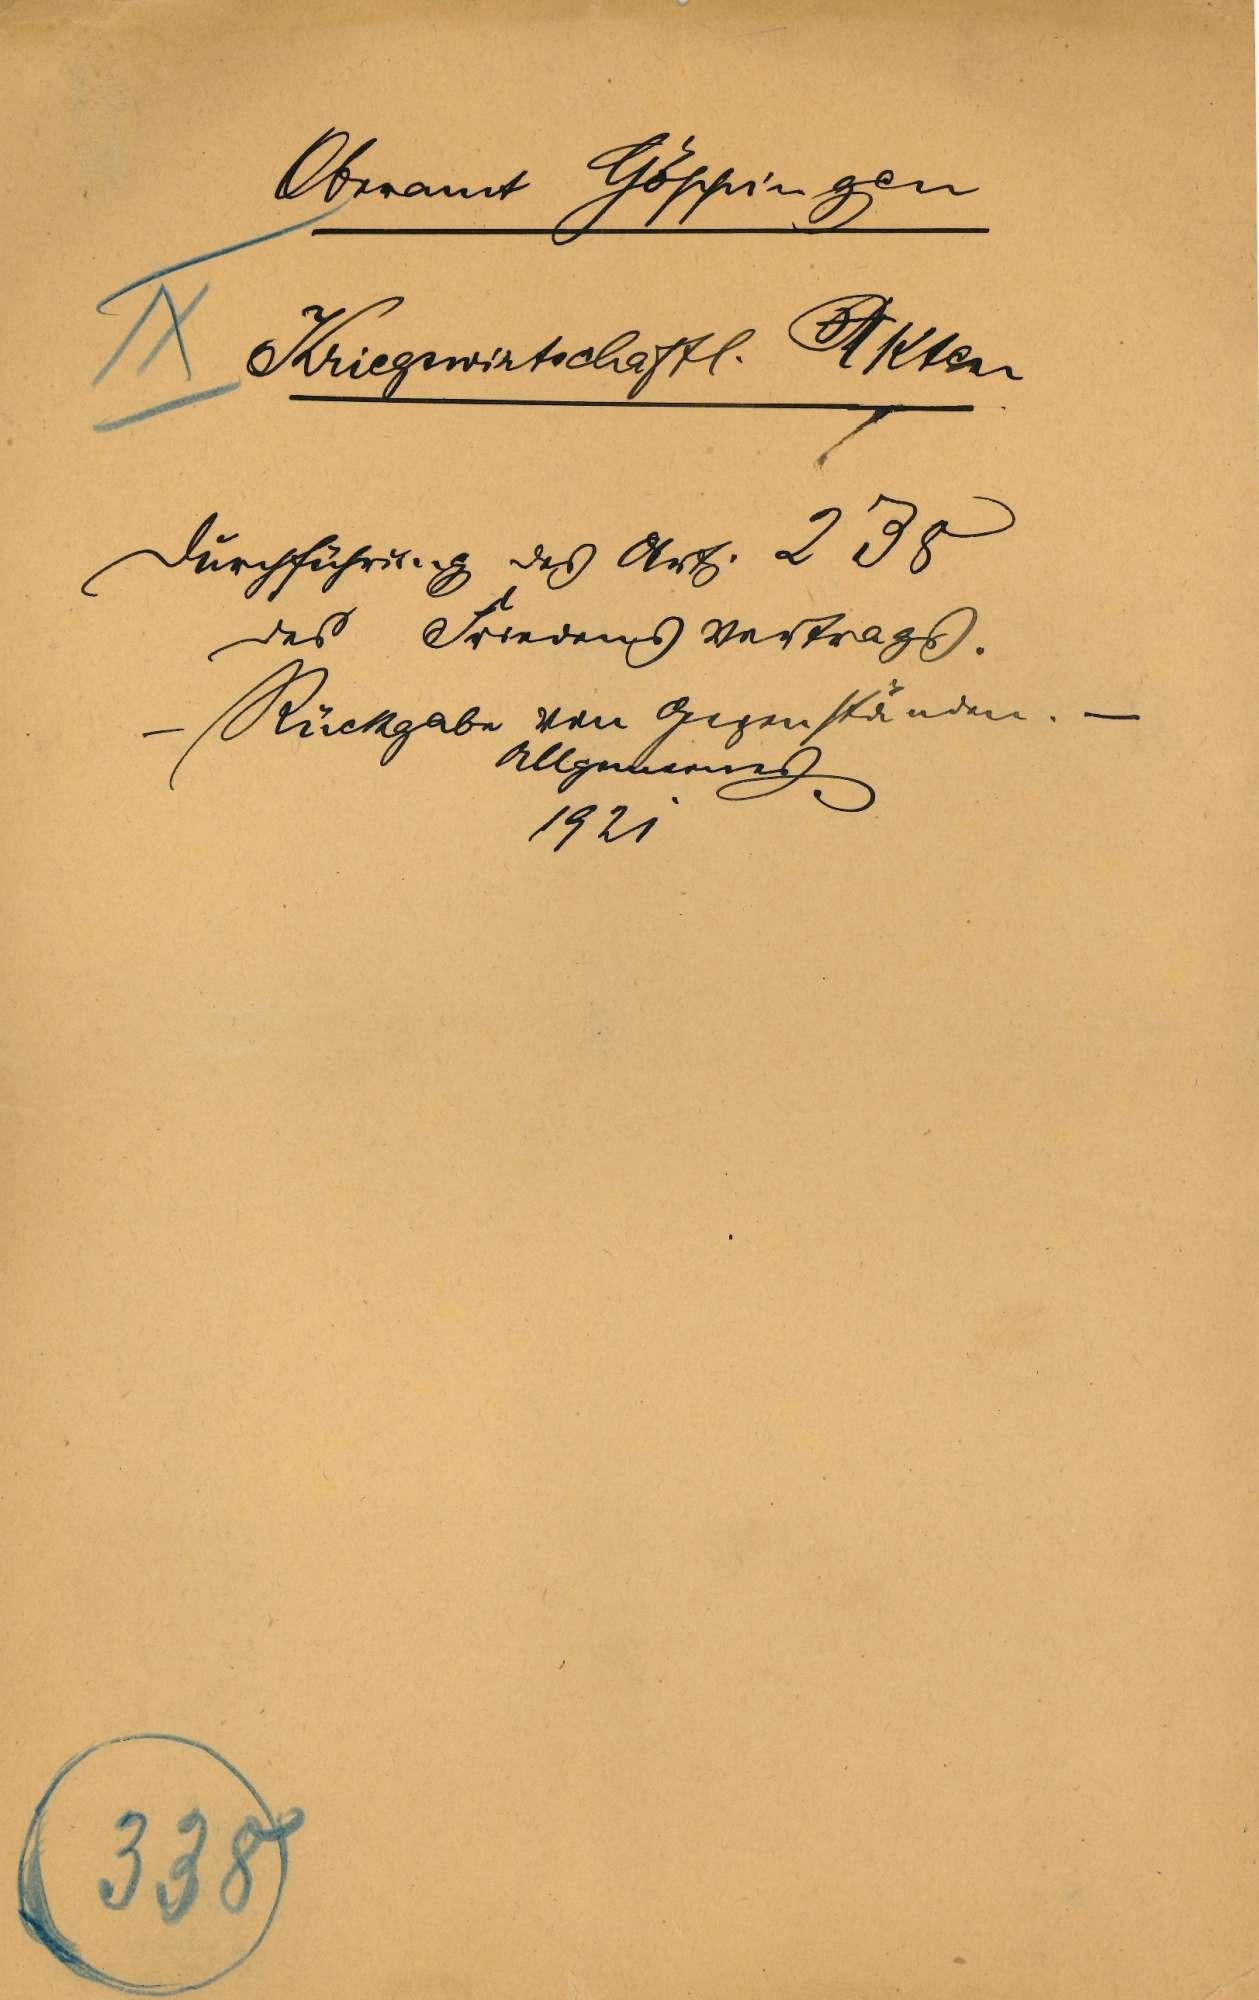 Durchführung des Art. 238 des Friedensvertrages; Rückgabe von Gegenständen; Allgemeines, Bild 1